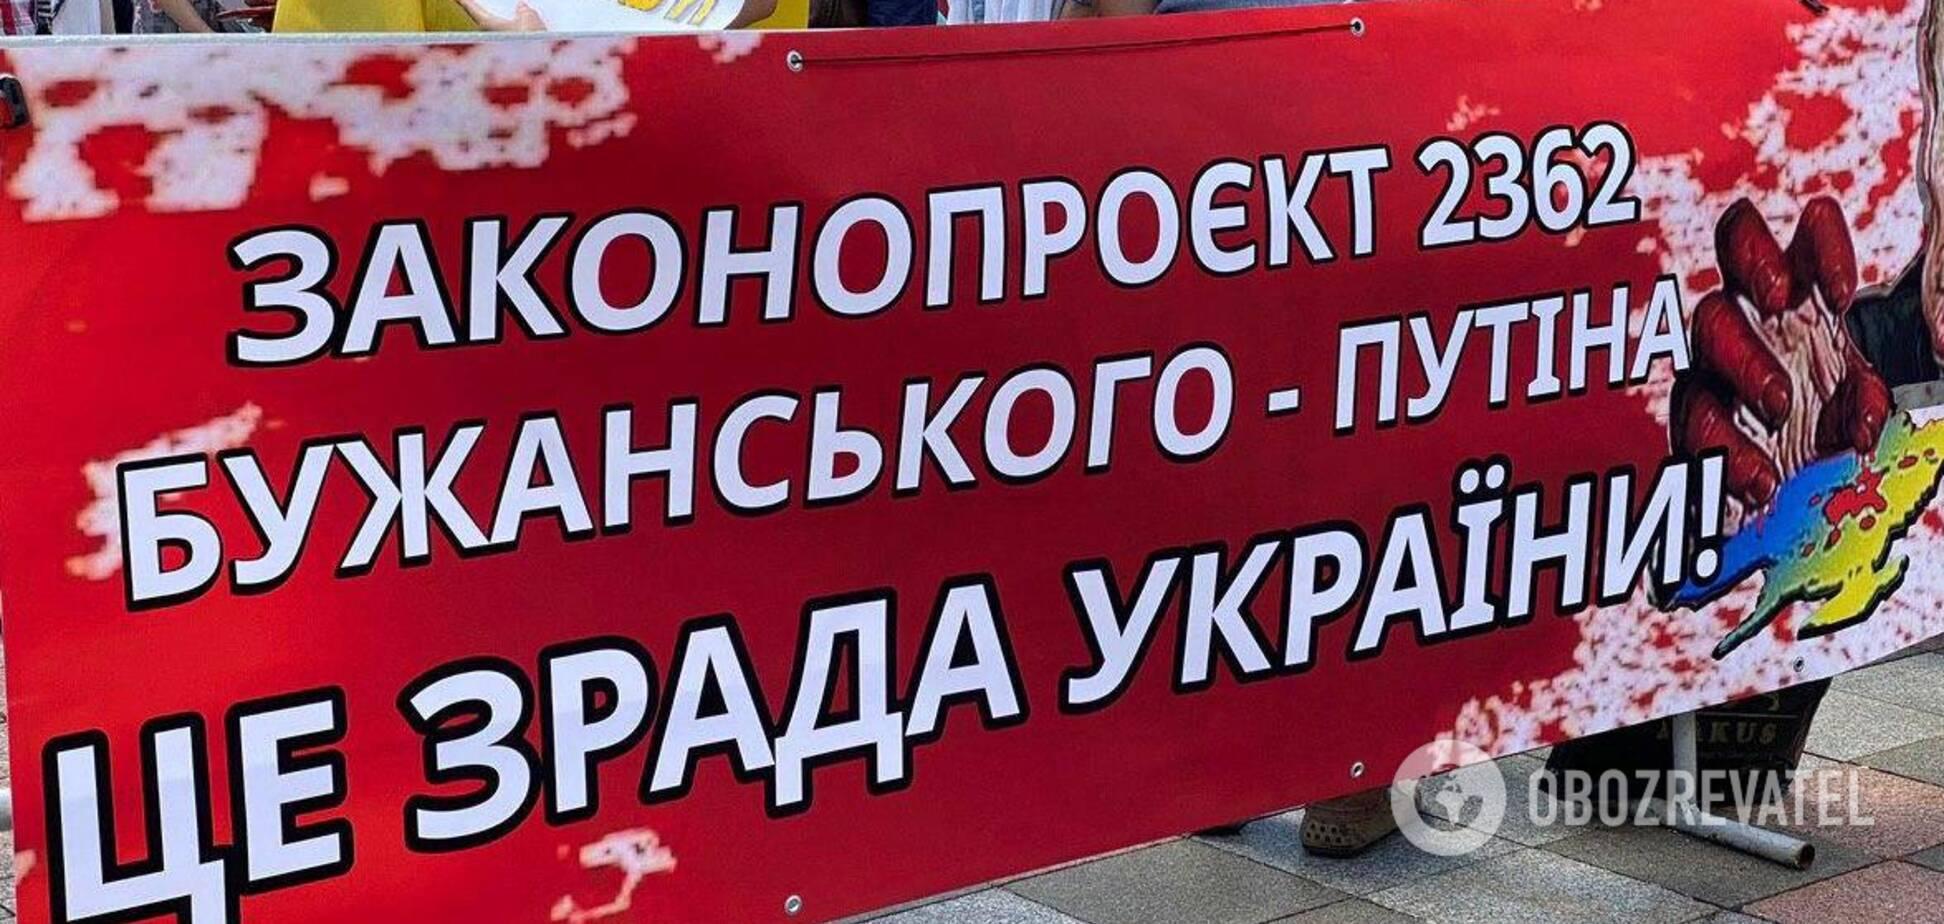 Акція на підтримку мови, проти законопроекту Бужанського під Верховною Радою: #ЗахистиМовуЗнову